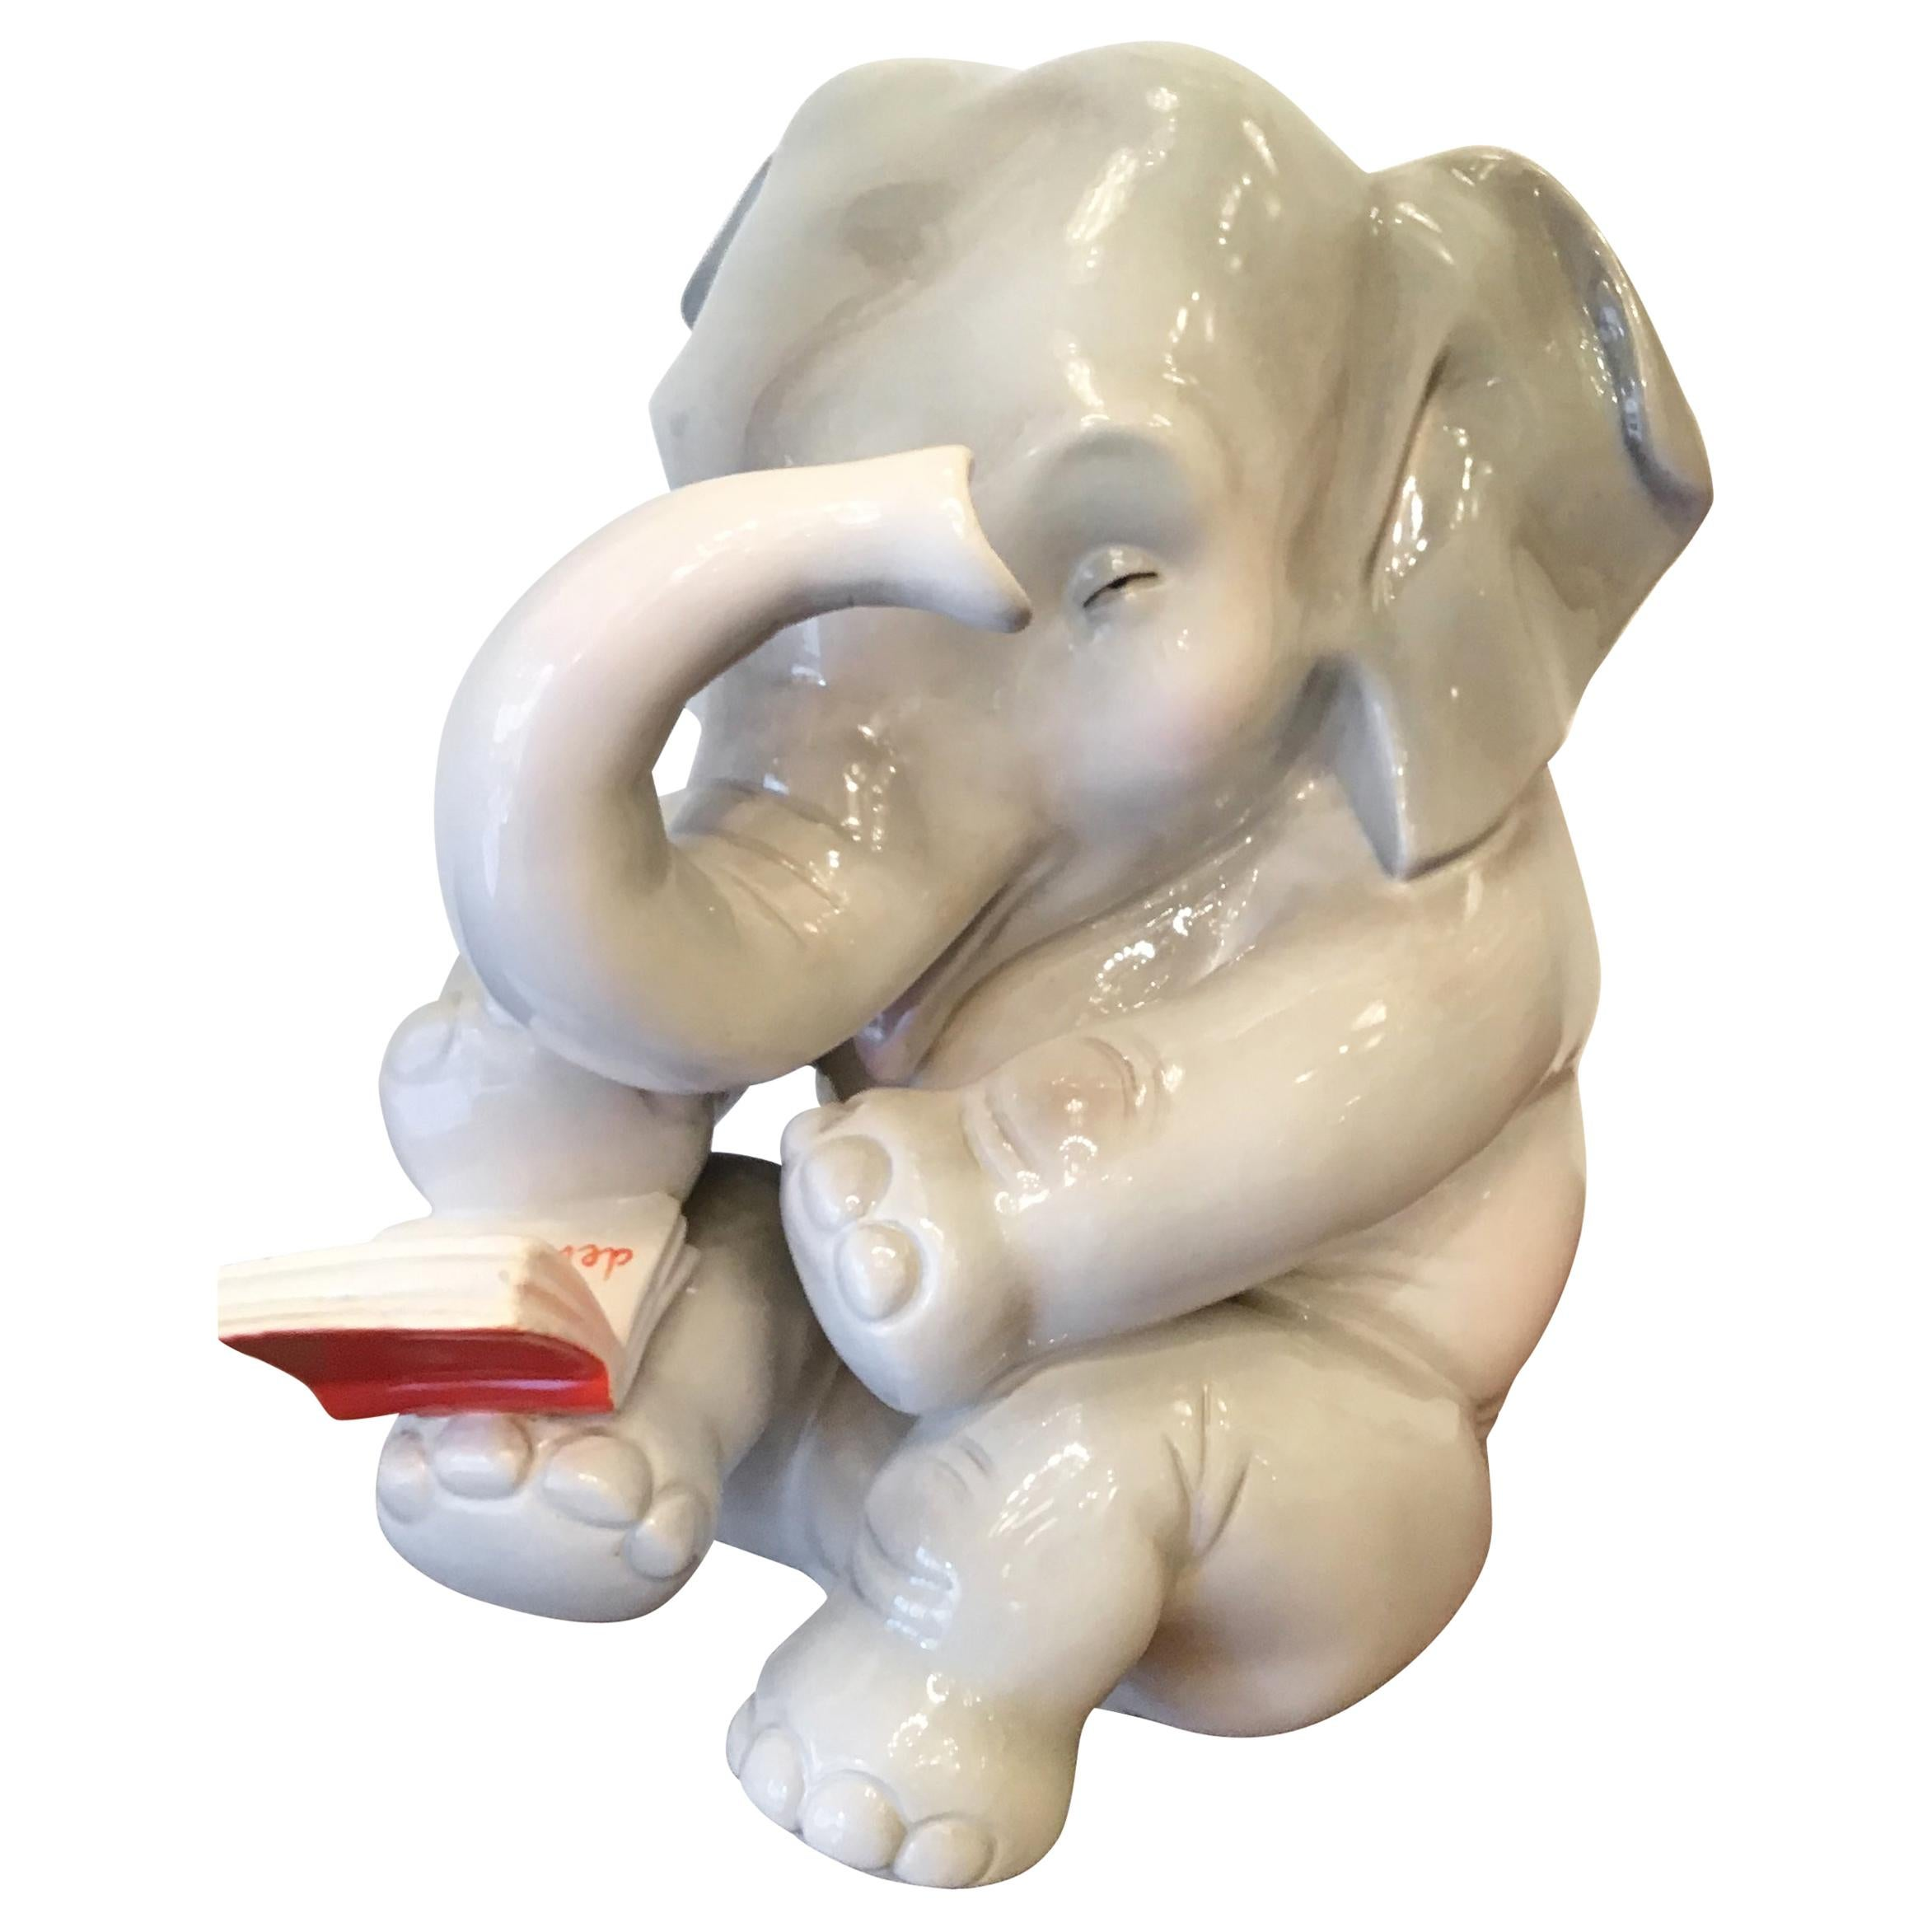 Lenci Ceramic Elephant 1950 Elena Scavini, Italy